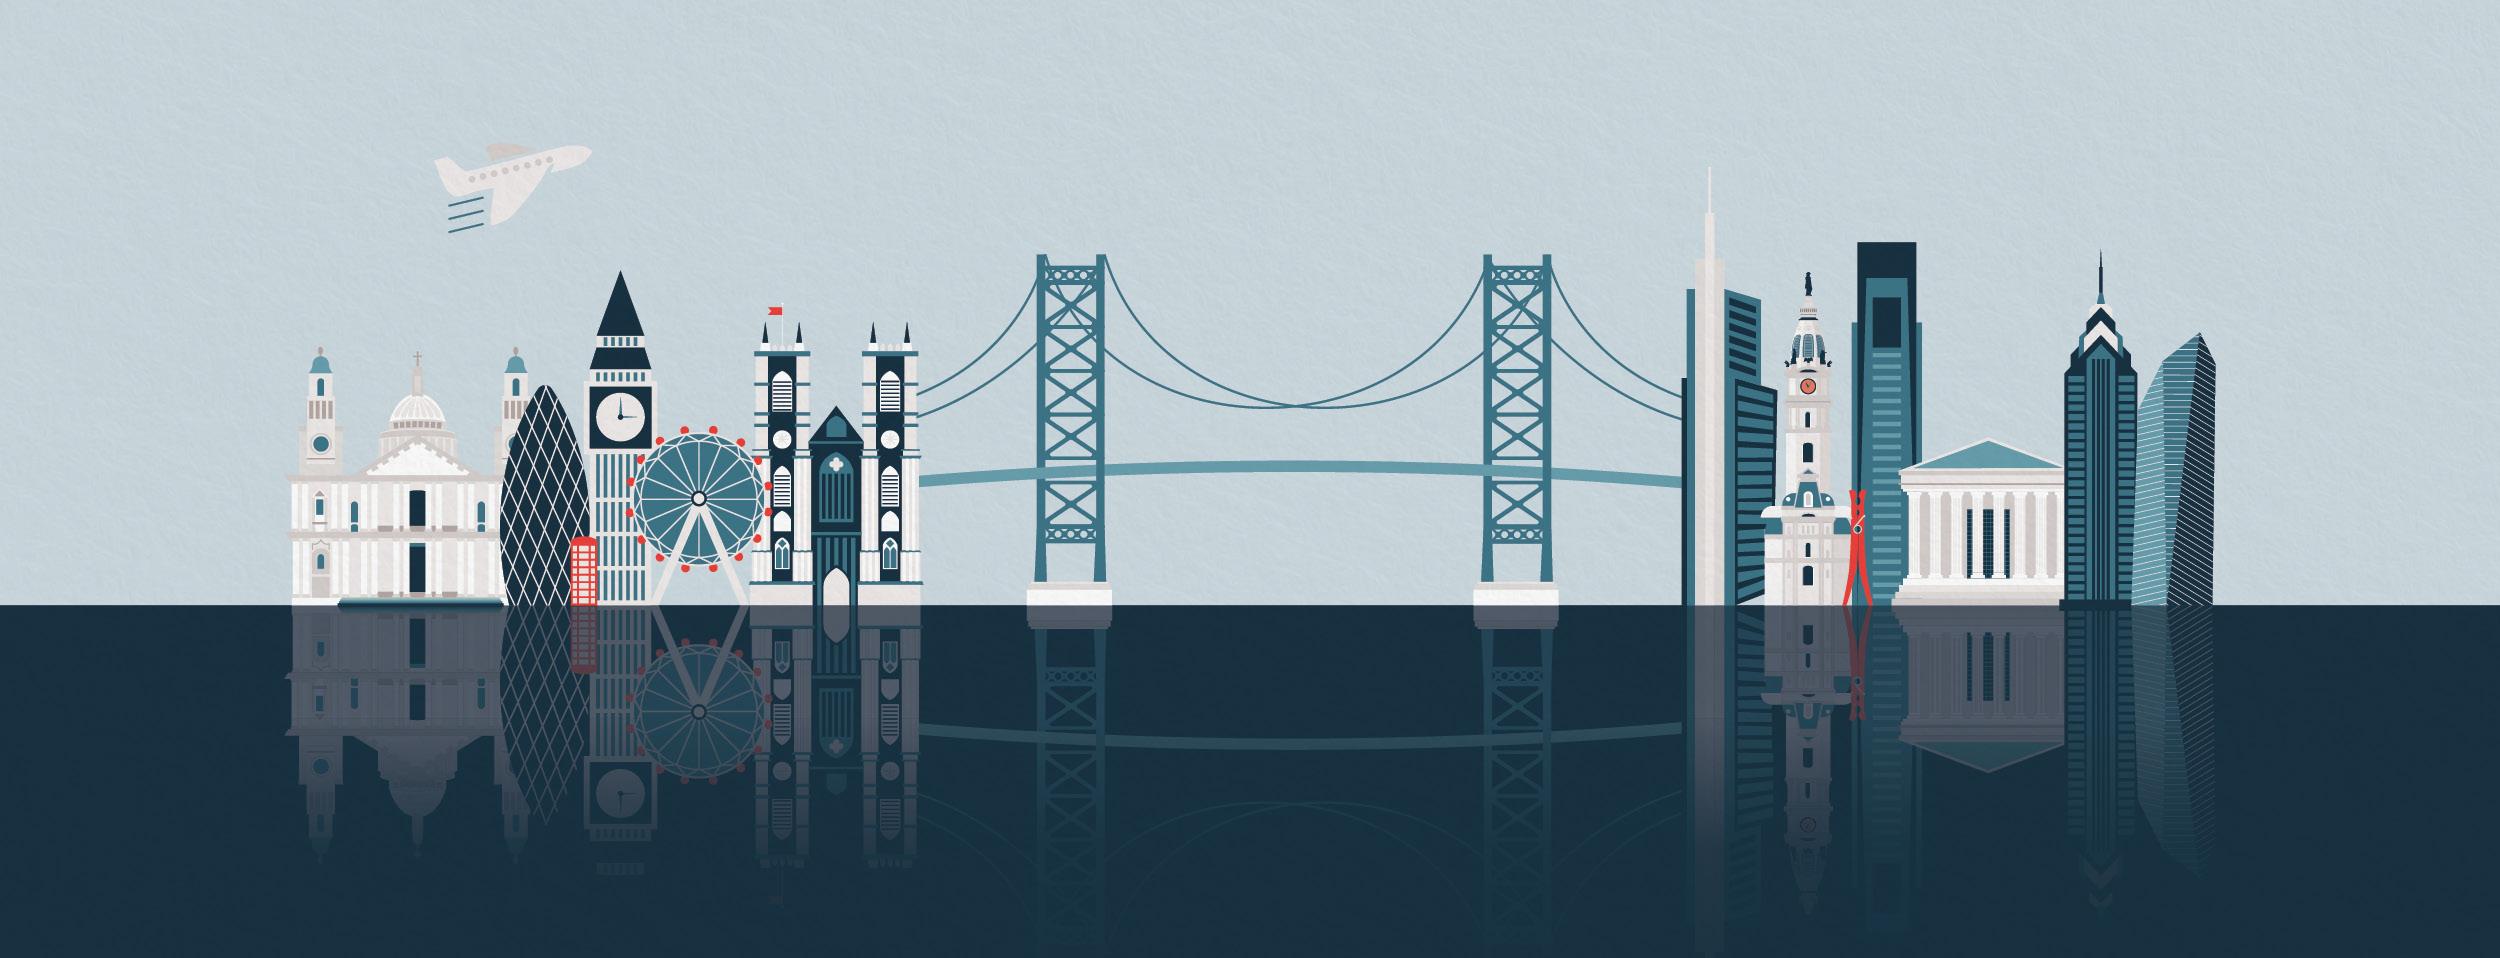 BABCPHL-Skyline-FeaturedEventHeader-highres